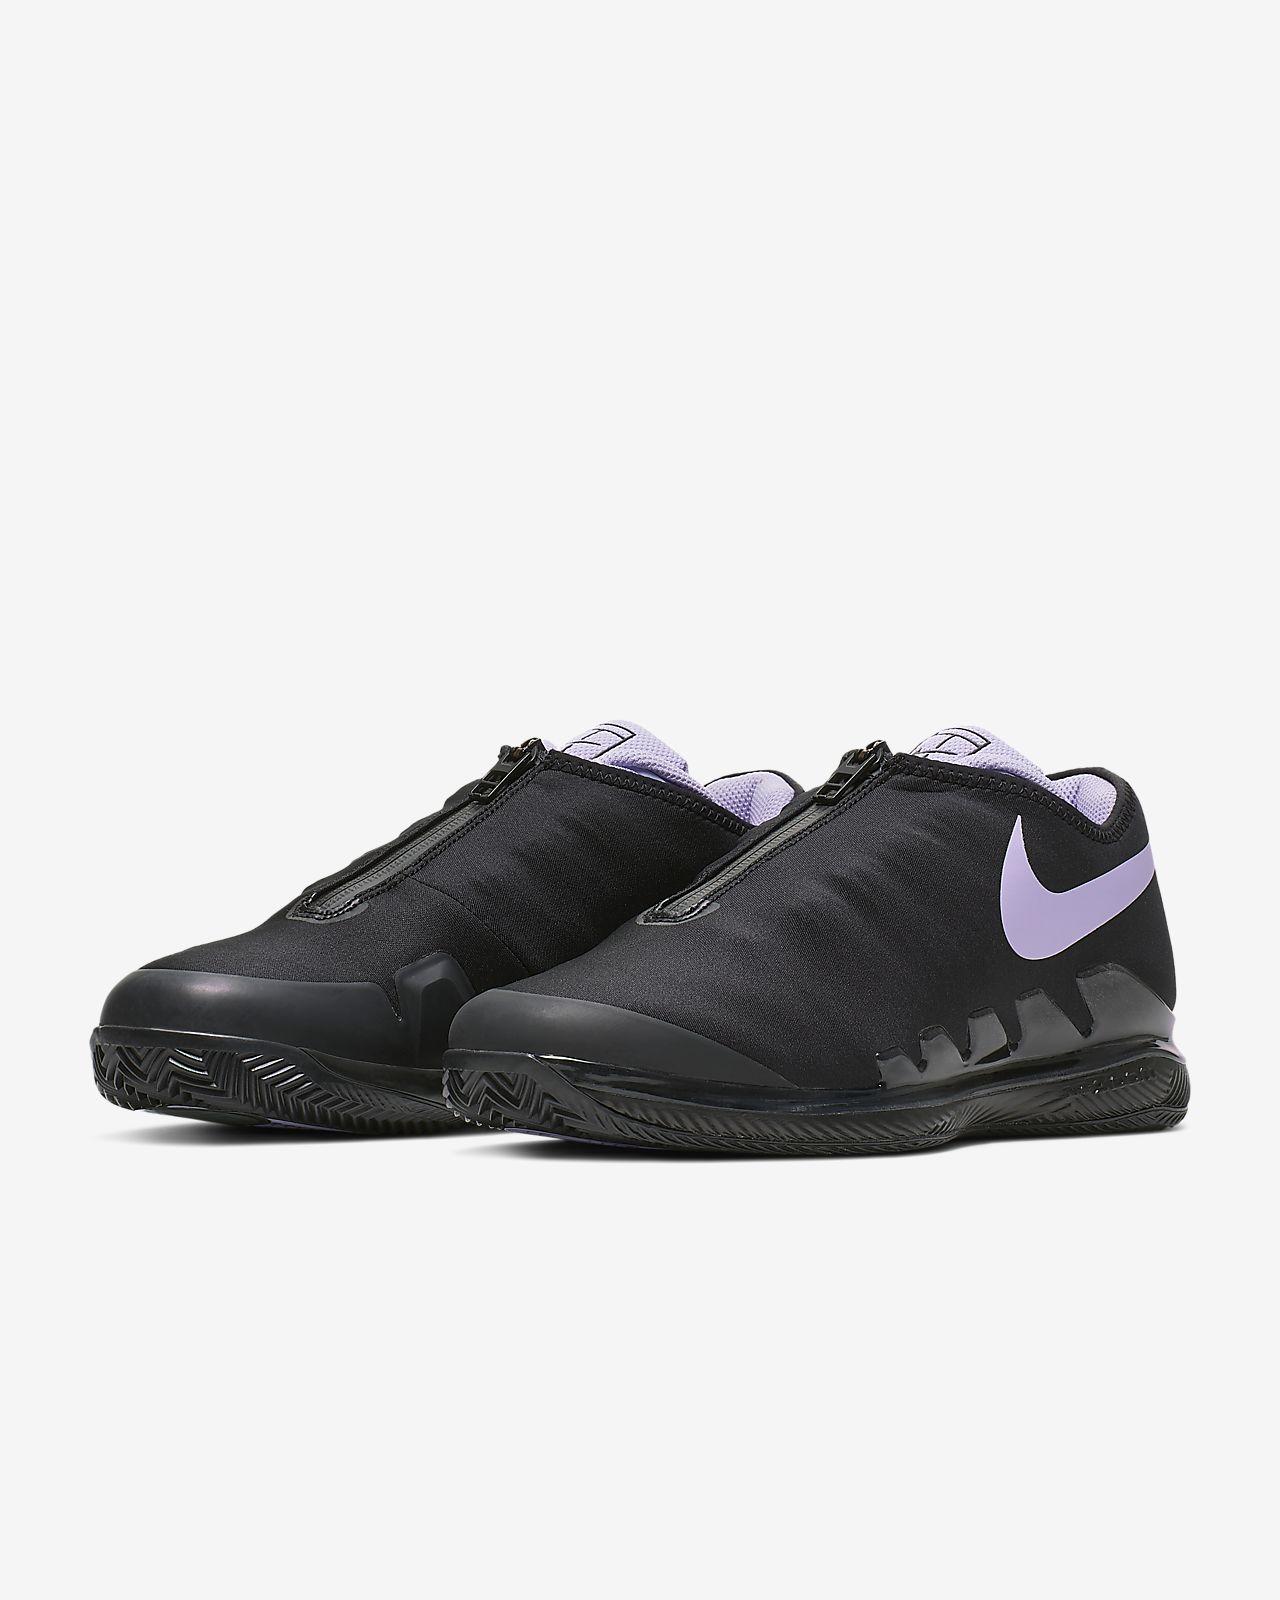 7cc46e6d23f47 NikeCourt Air Zoom Vapor X Glove Women's Clay Tennis Shoe